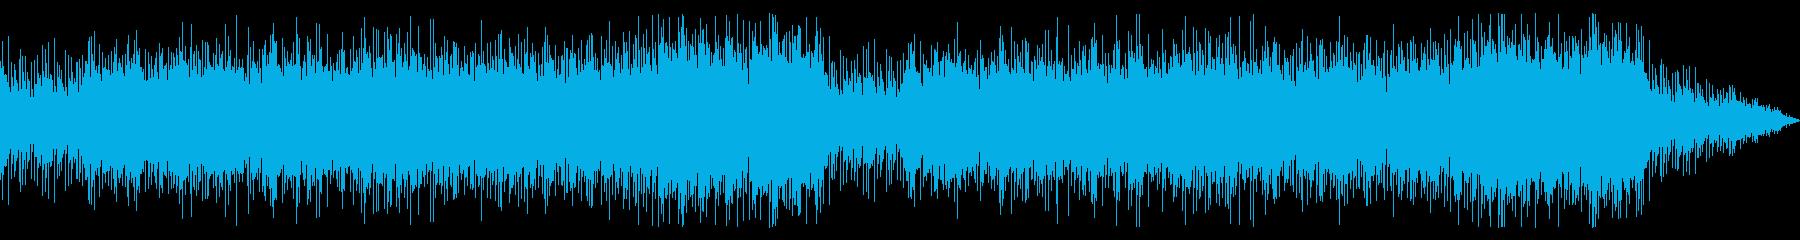 シンセの疾走感あるメロディーが印象的な曲の再生済みの波形